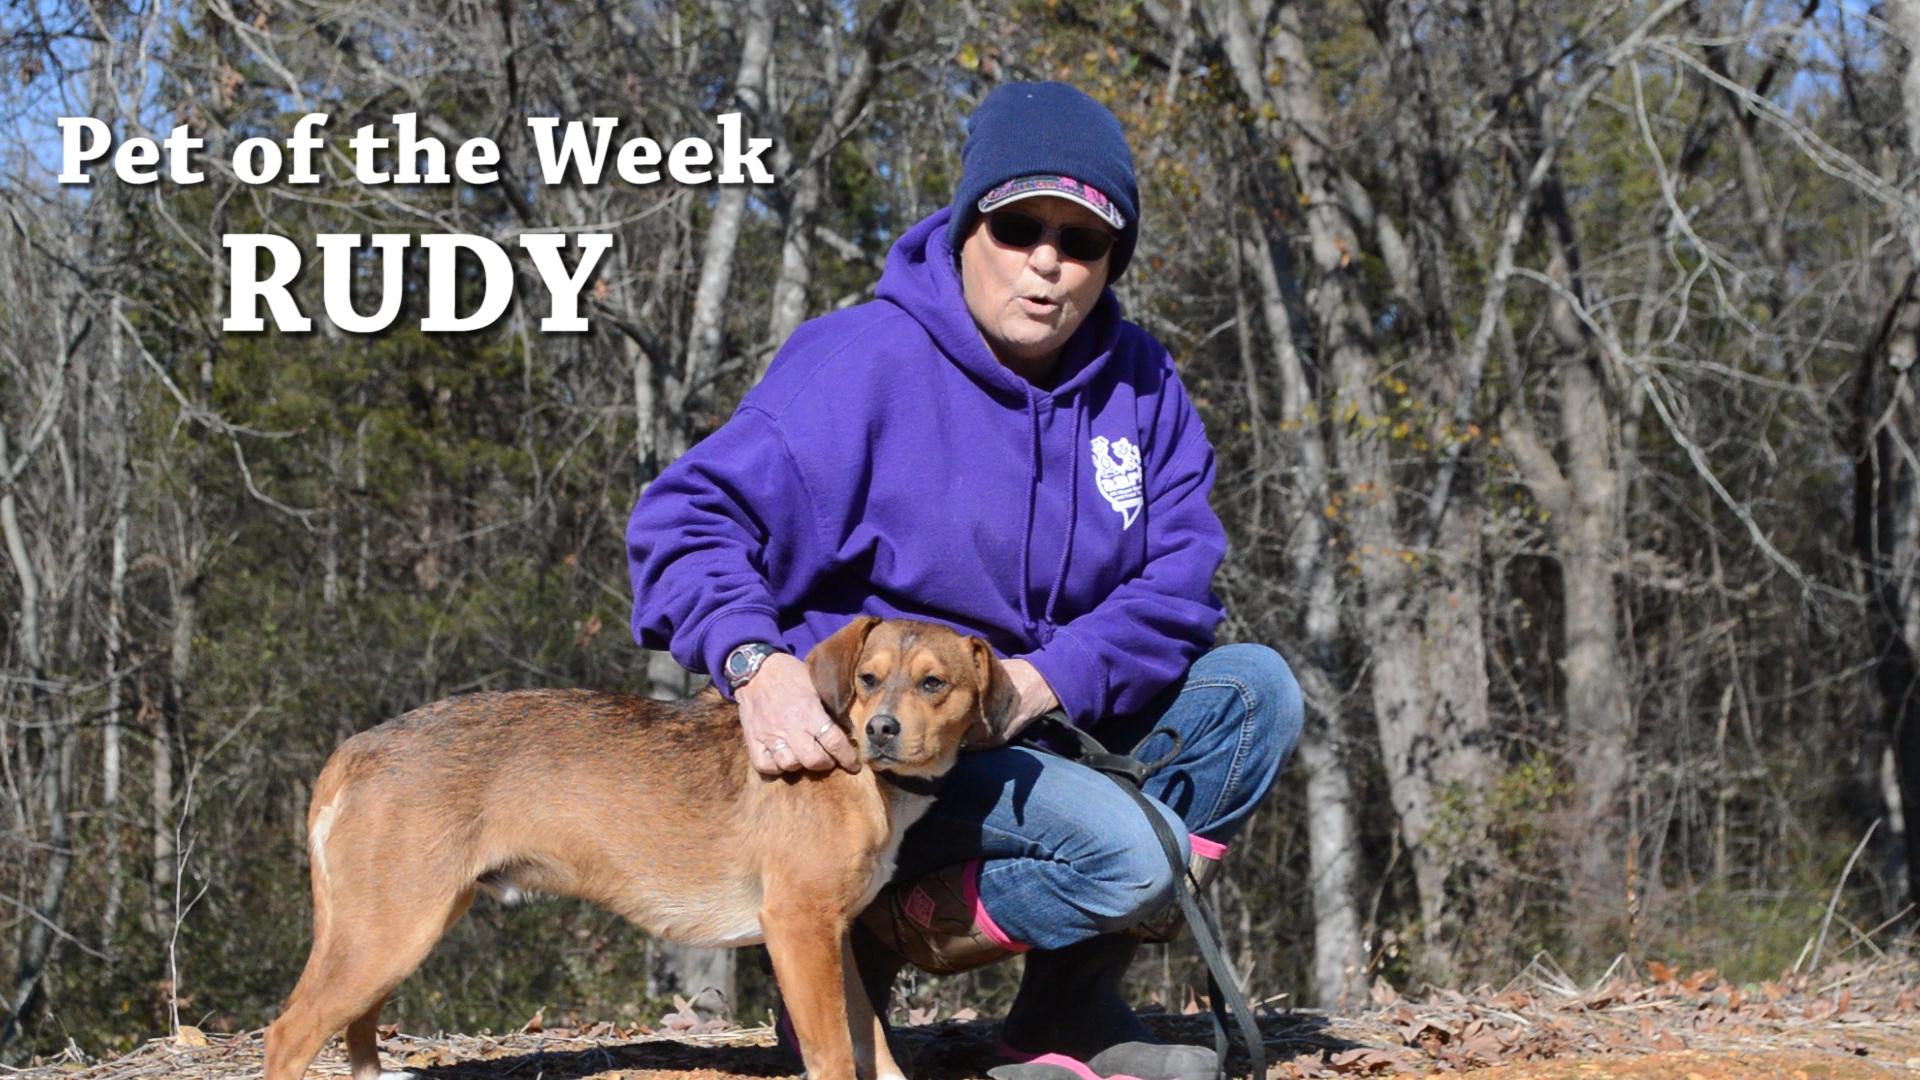 VIDEO: Pet of the Week - Rudy